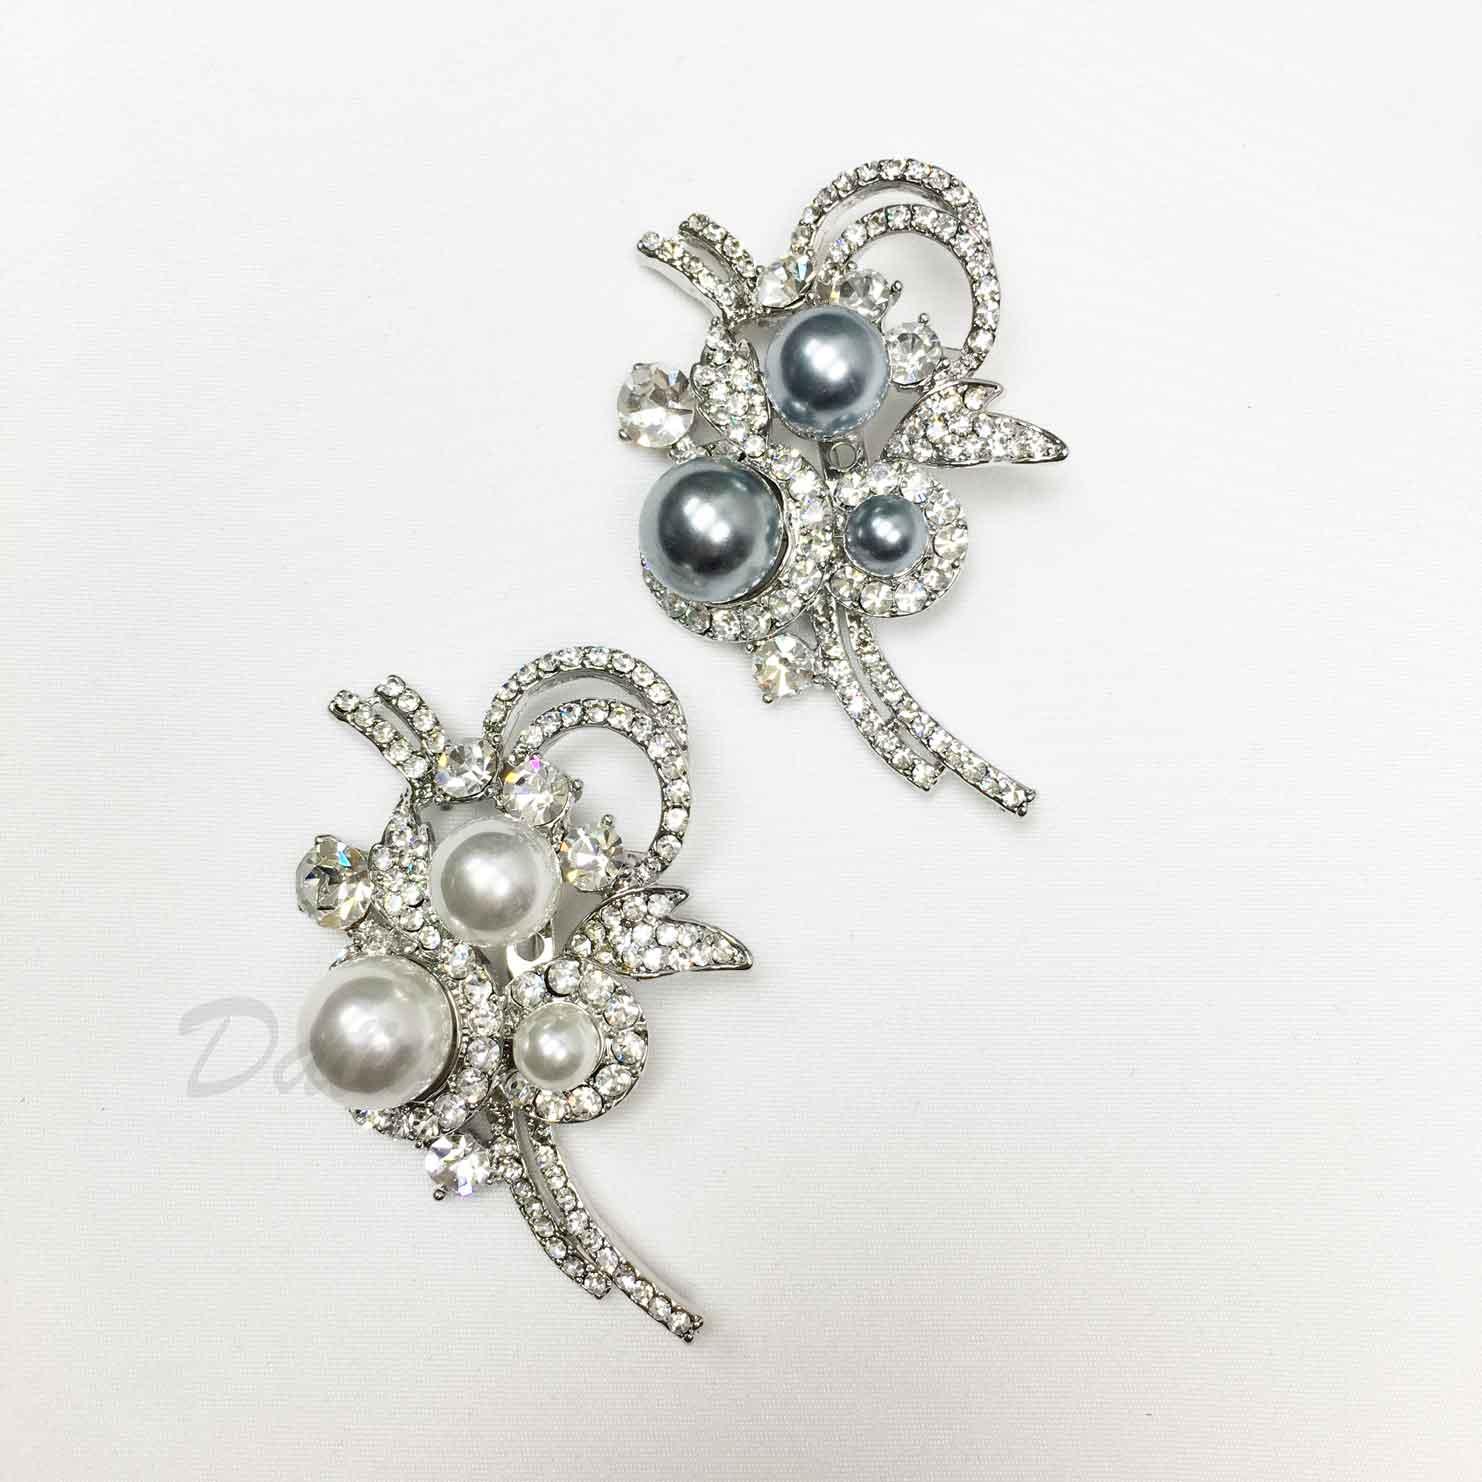 水鑽 不對稱 珍珠 緞帶 線條 兩色 單個 胸針